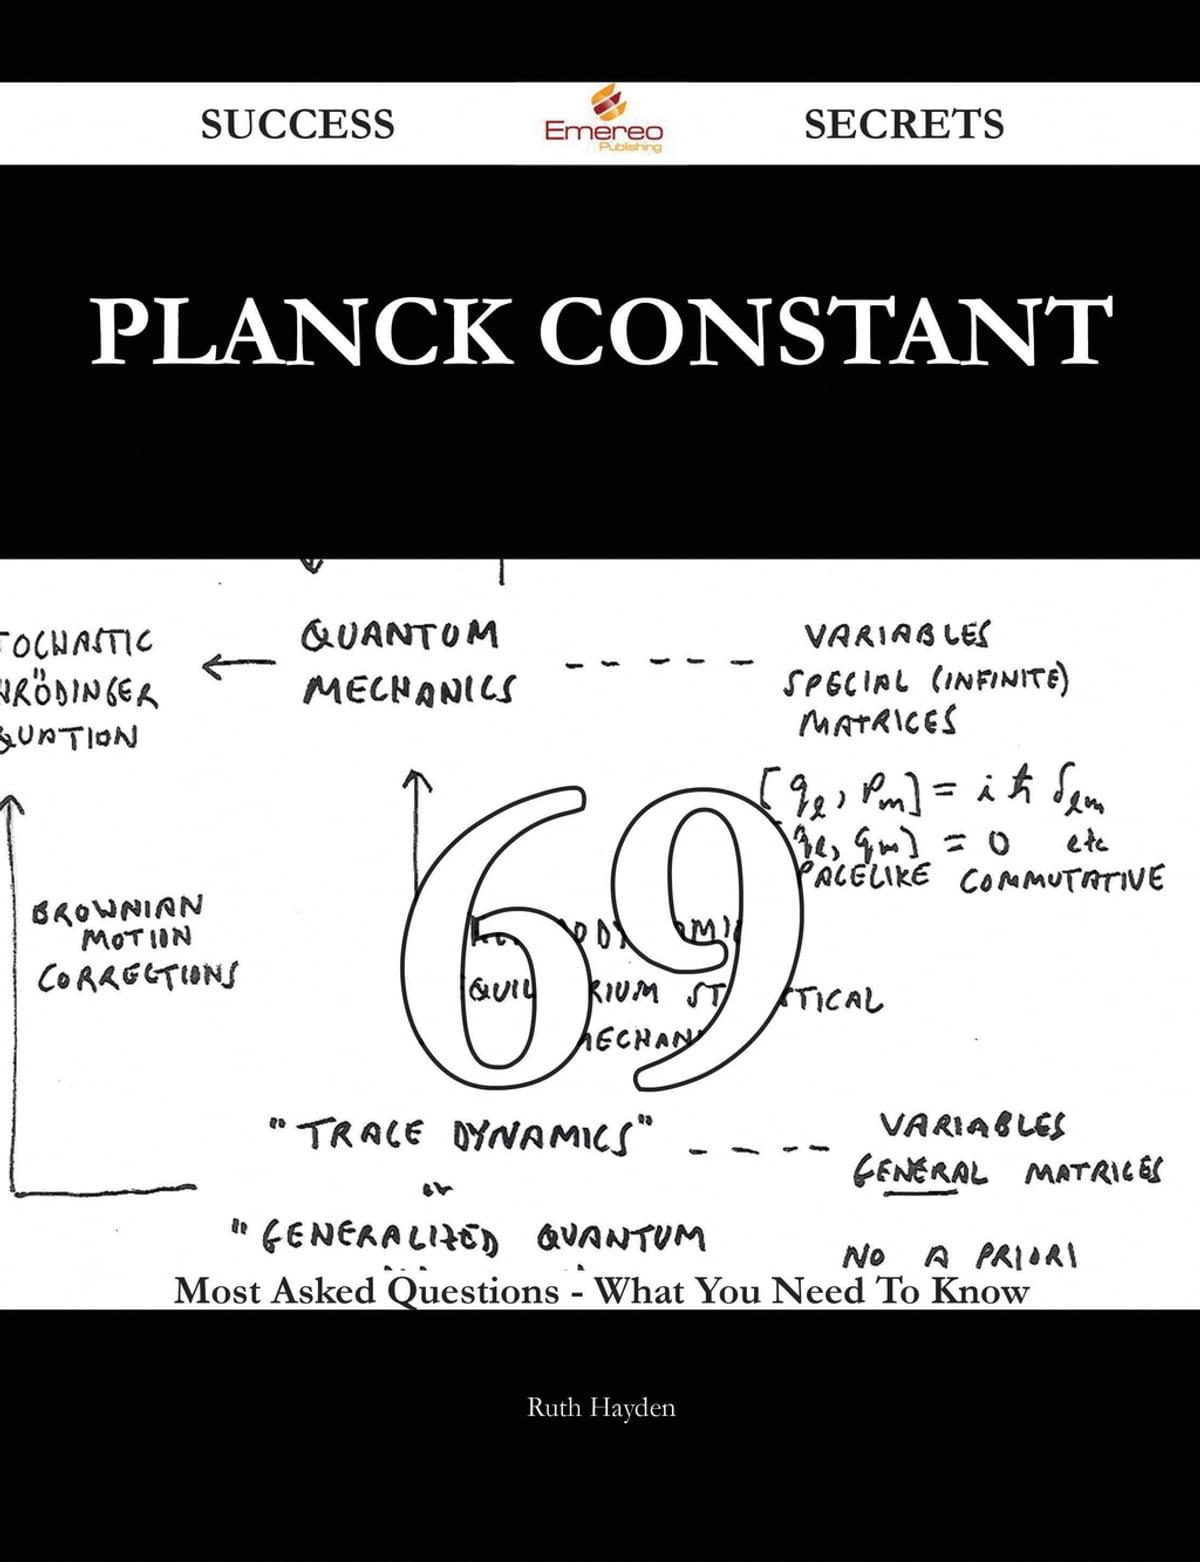 Planck Constant 69 Success Secrets